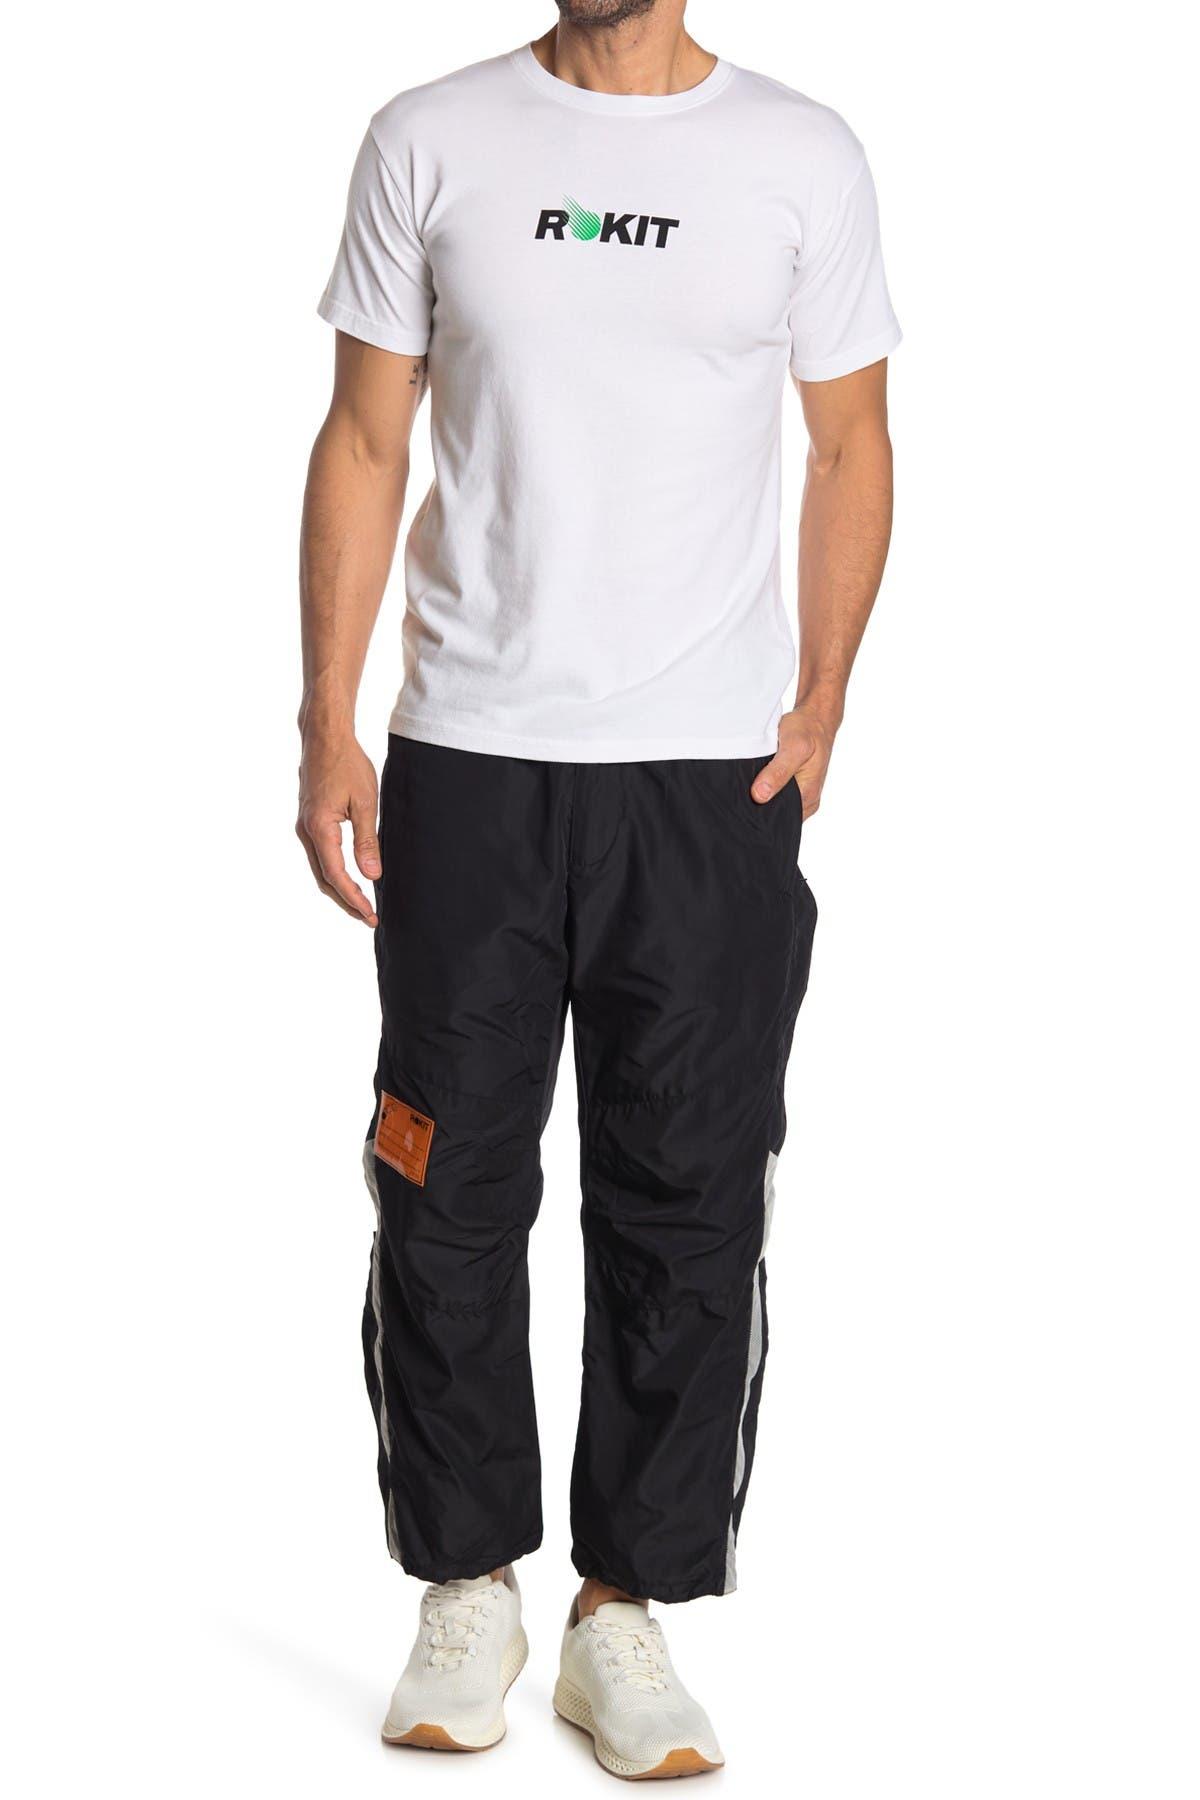 Image of ROKIT Courtside Side Zip Pants